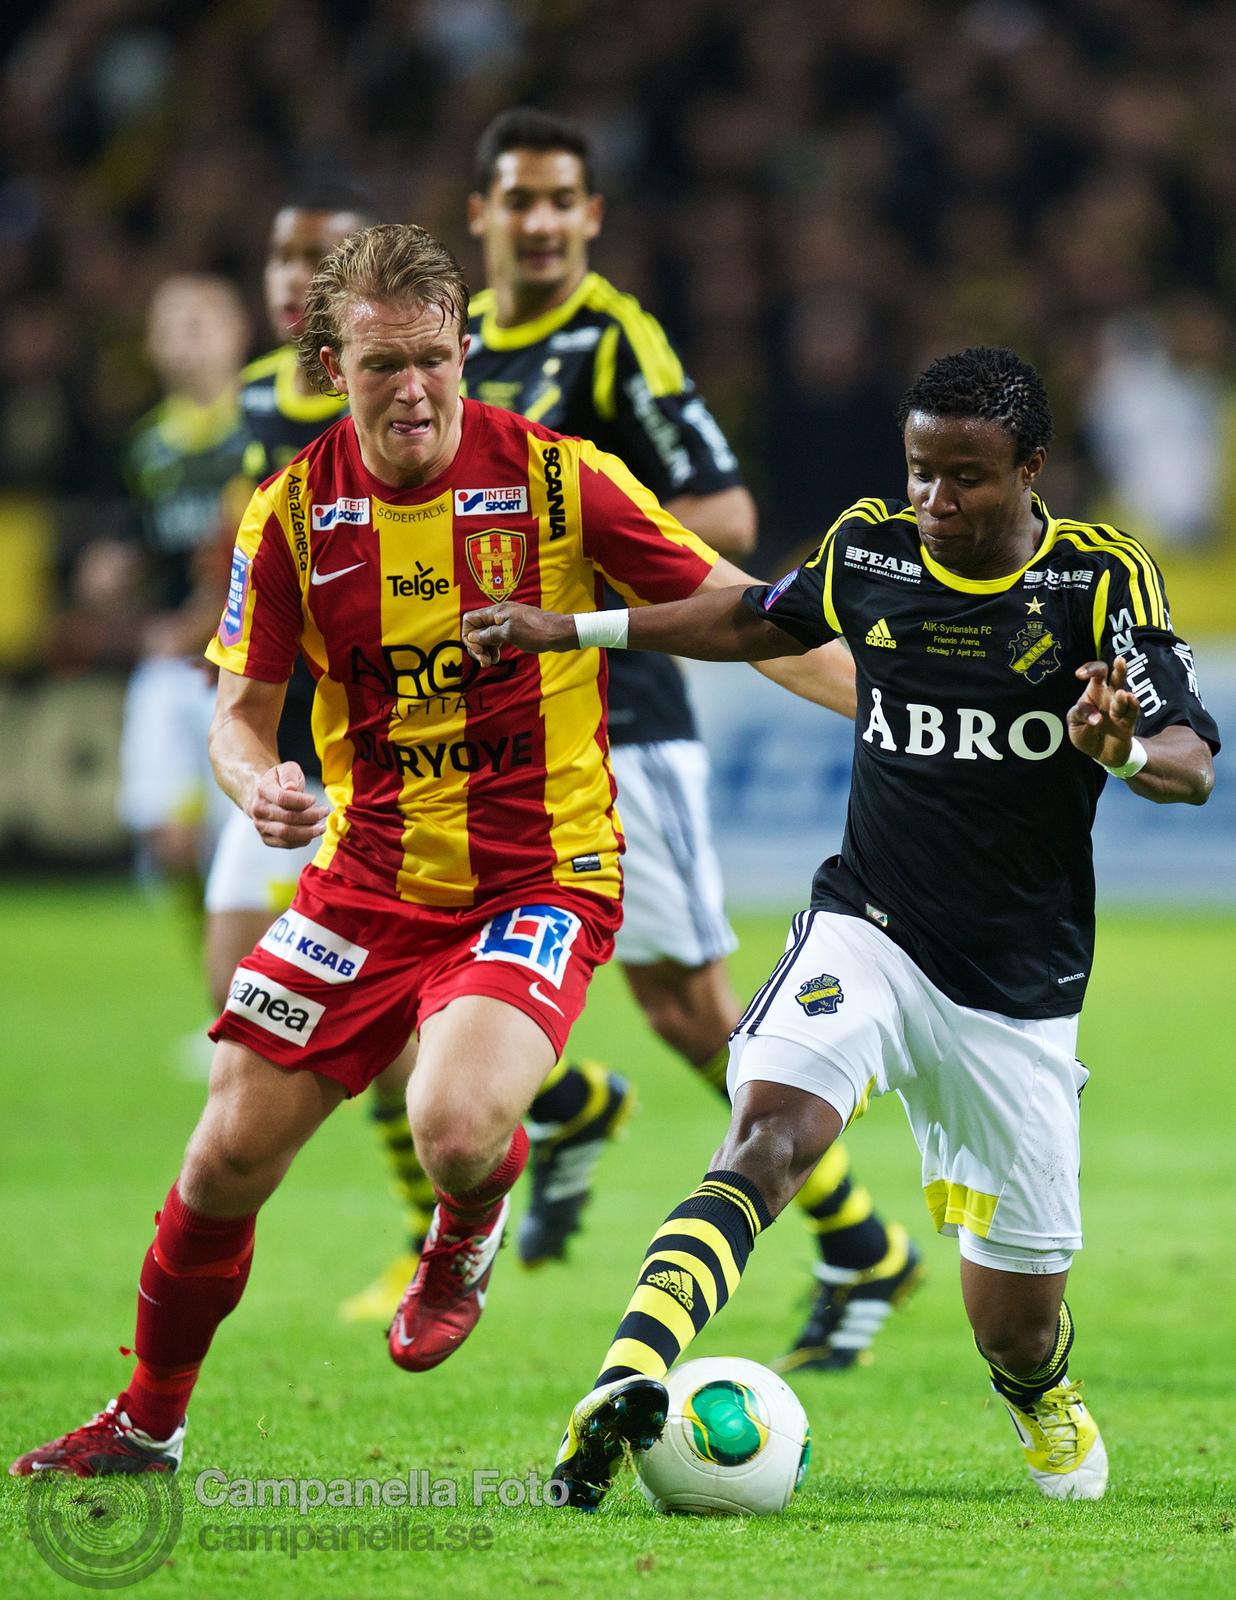 AIK vs. Syrianska FC - 9 of 10